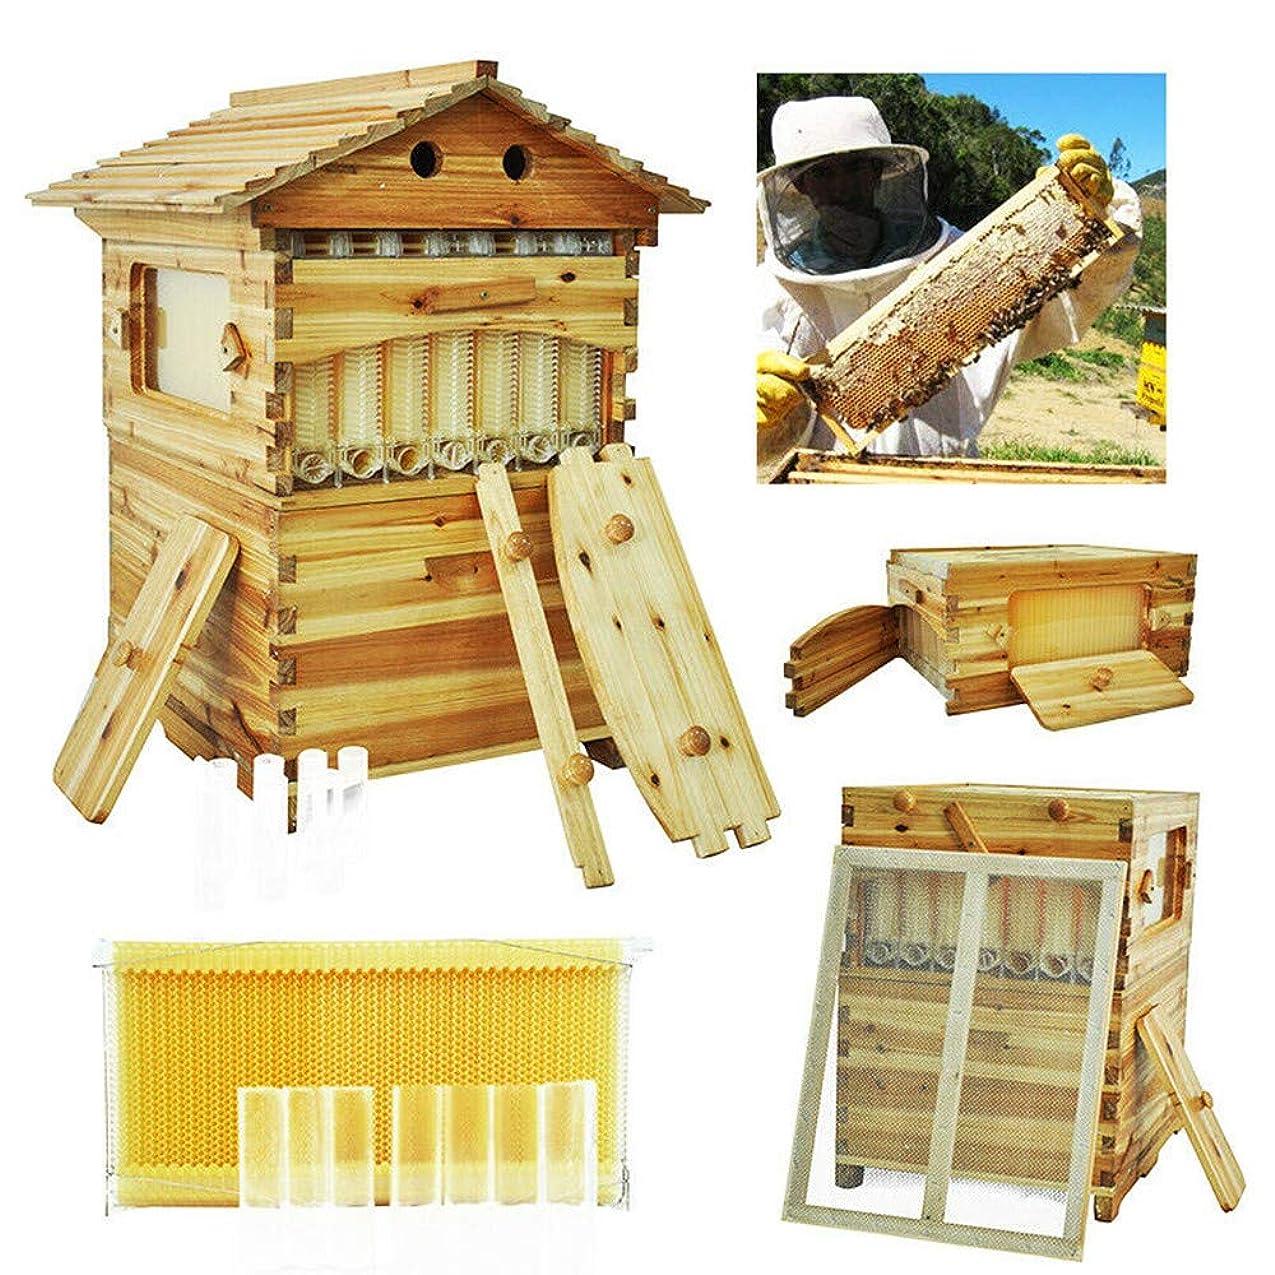 後者近傍ファンド巣箱 自動流れの蜜蜂 巣箱 ニホンミツバチ捕獲箱 ビーハイブ 養蜂用具 養蜂器具,オートフロー巣 箱フルセット (7PCS)